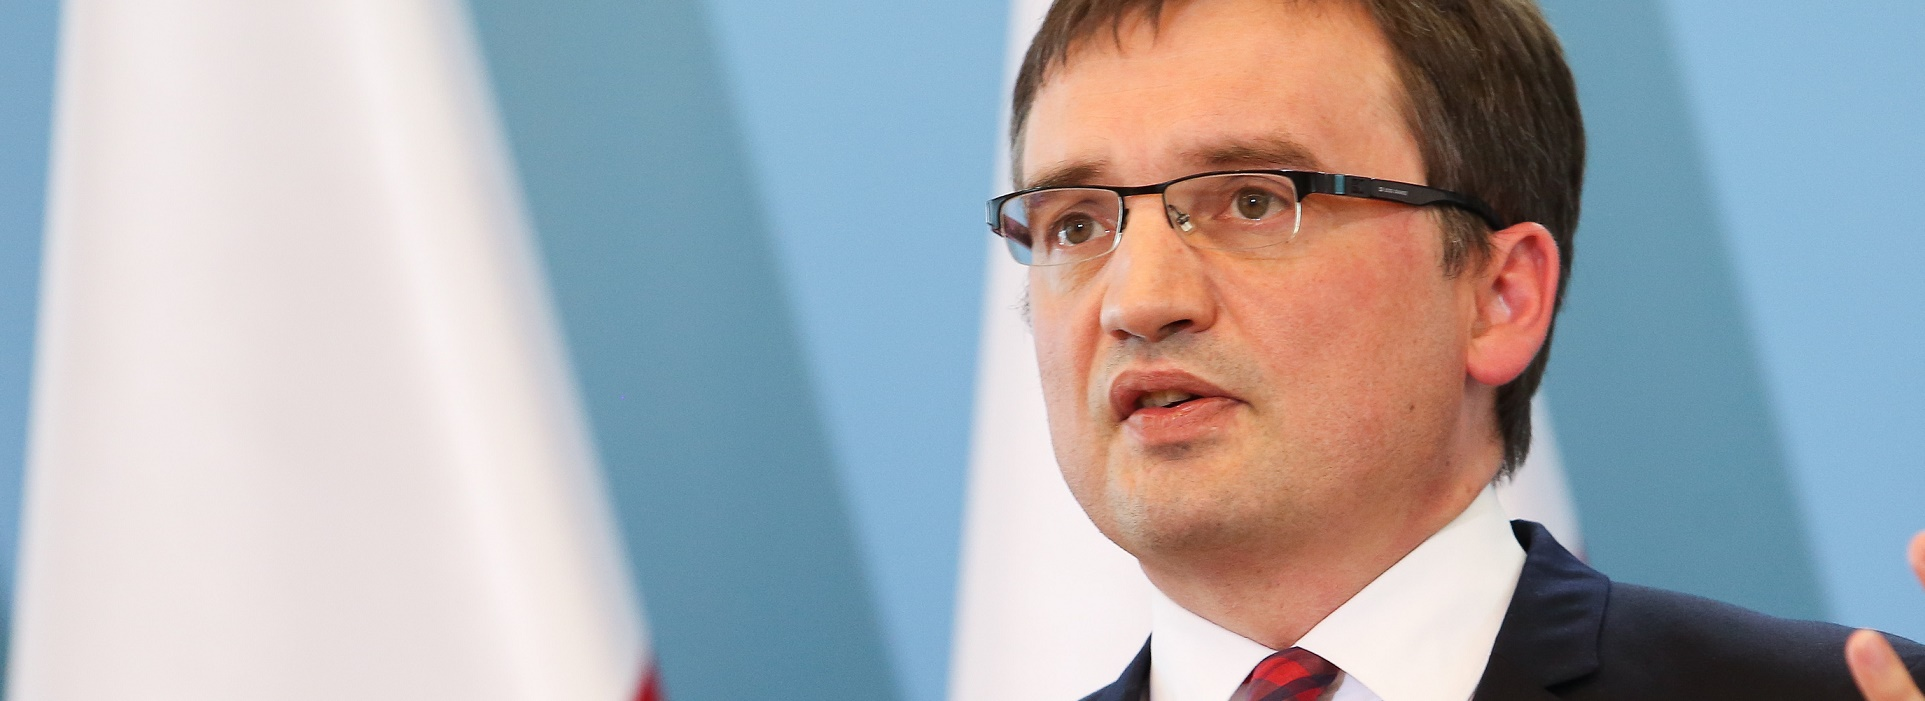 Holenderski minister grozi Polsce? Ziobro jednoznacznie odpowiada holenderskiemu gościowi